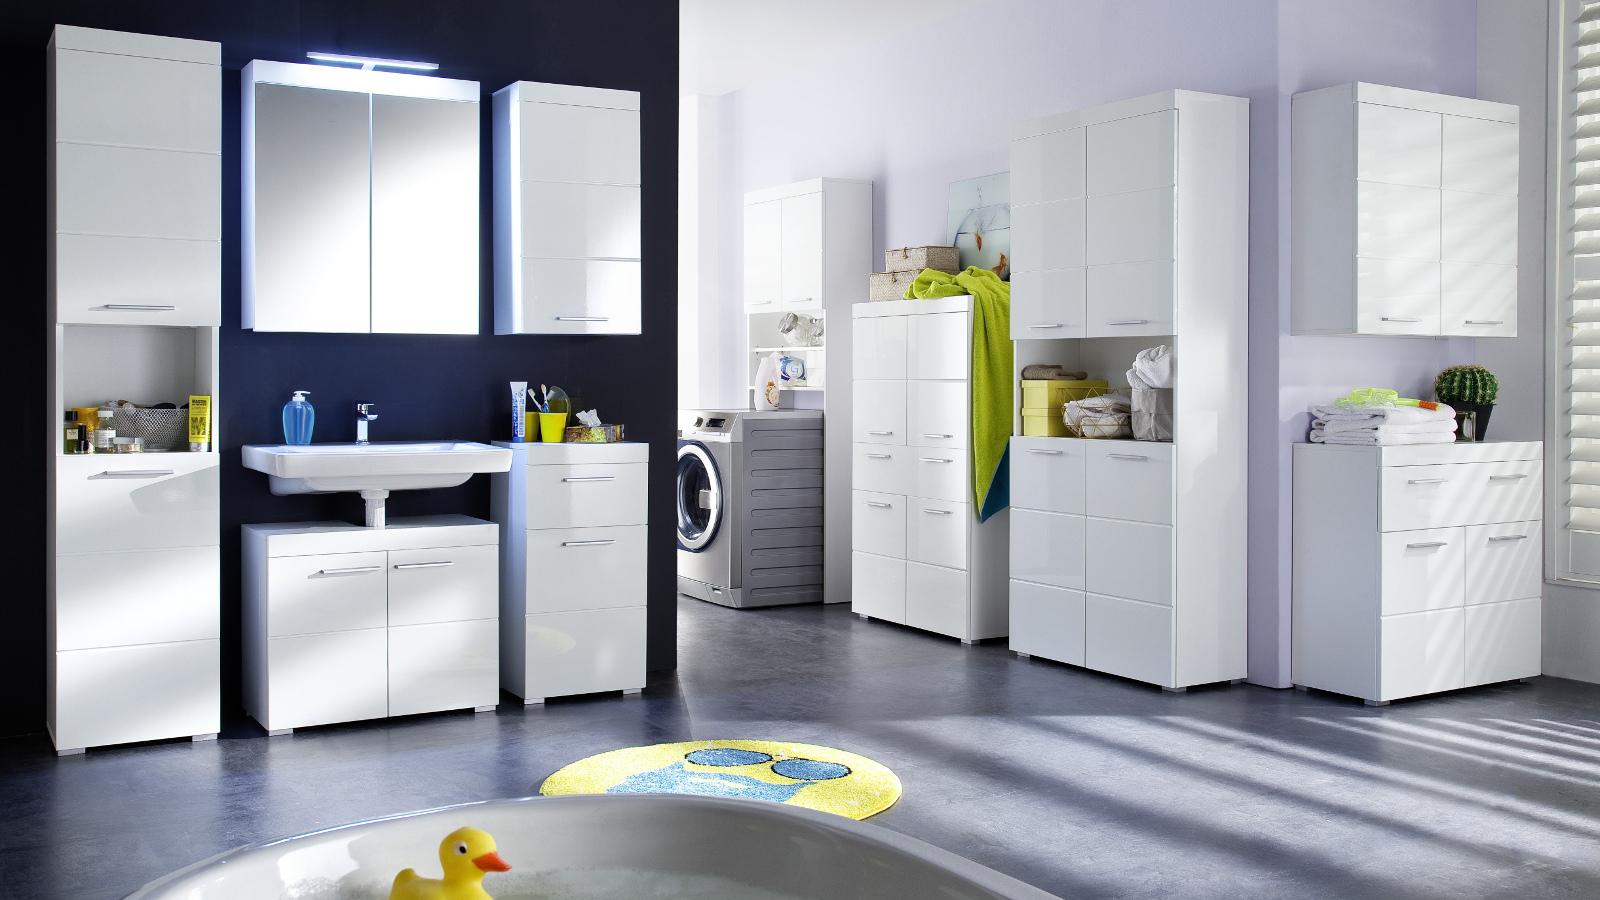 Waschmaschinenschrank K Che waschmaschinenschrank bad waschmaschinenschrank bad 185046 neuesten ideen f r die mini bad